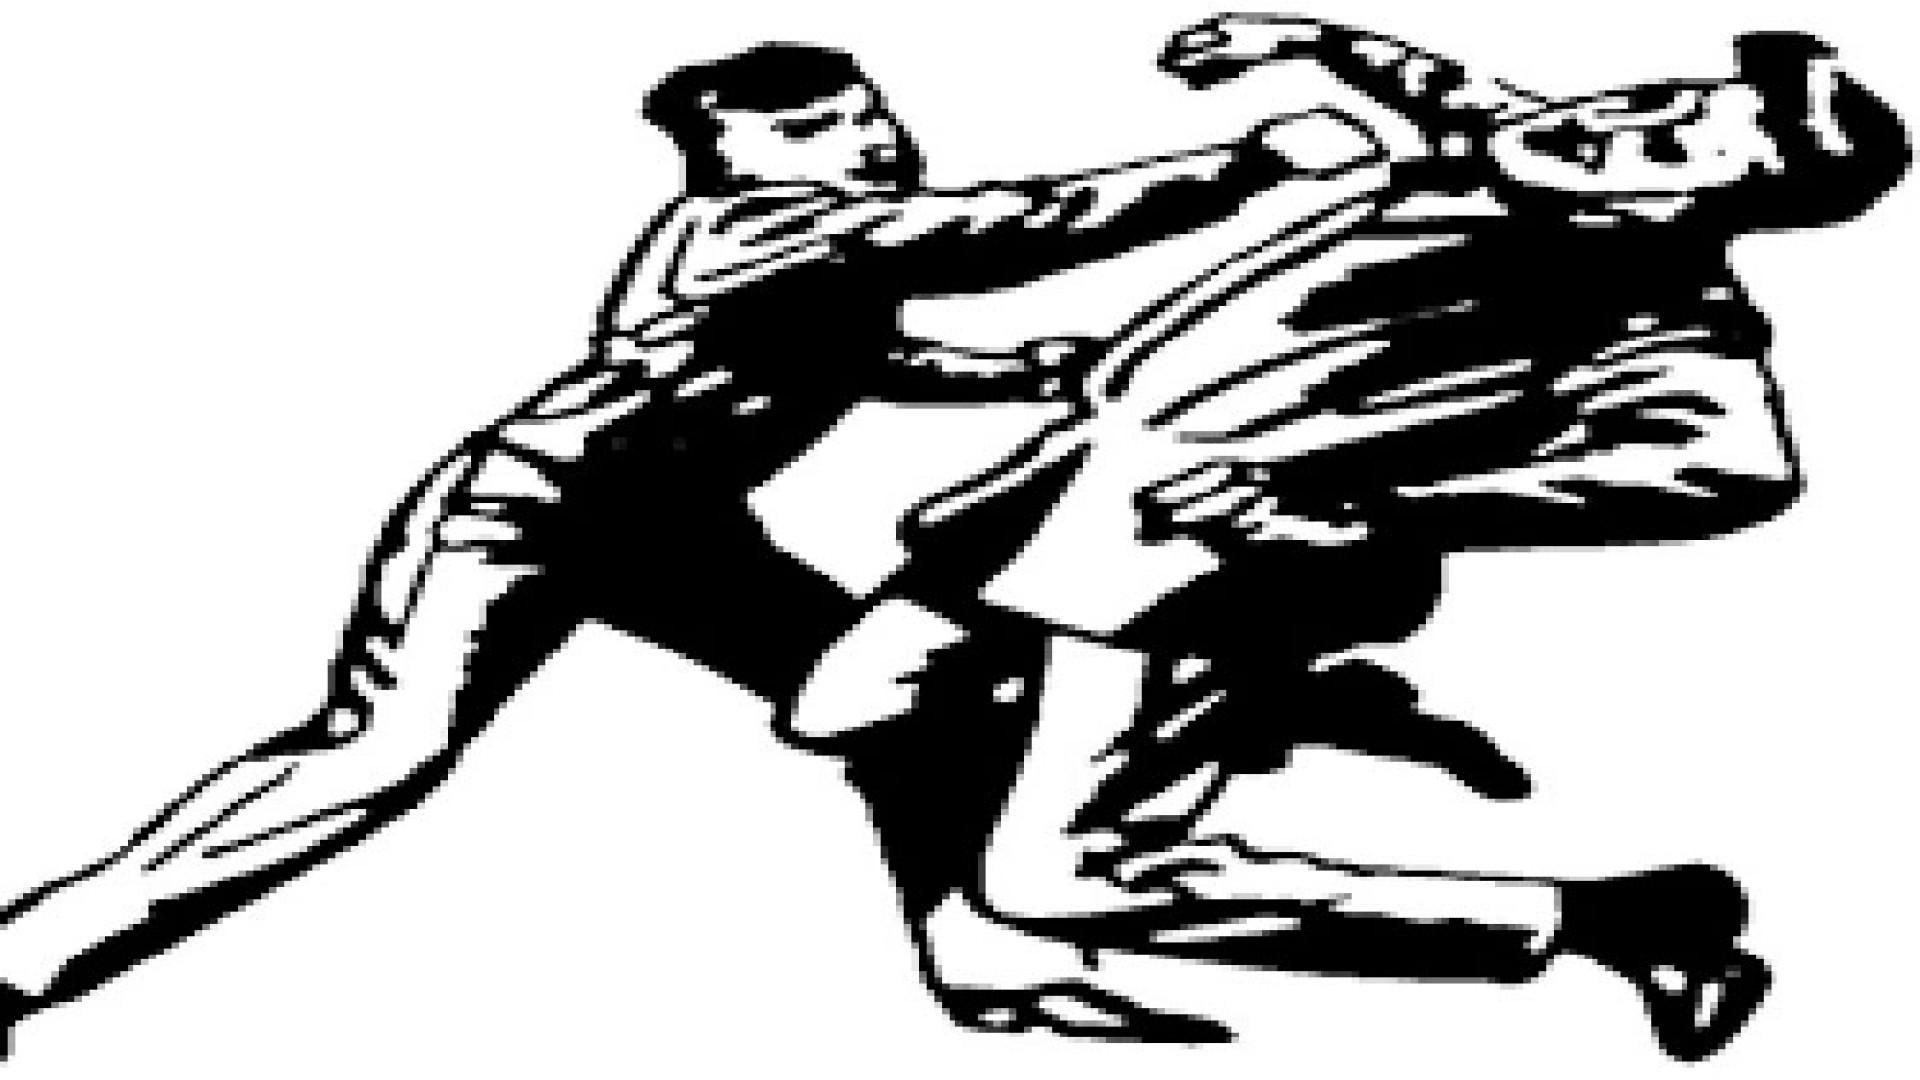 गुल्मीमा काङ्ग्रेस कार्यकर्ता र प्रहरीबीच झडप